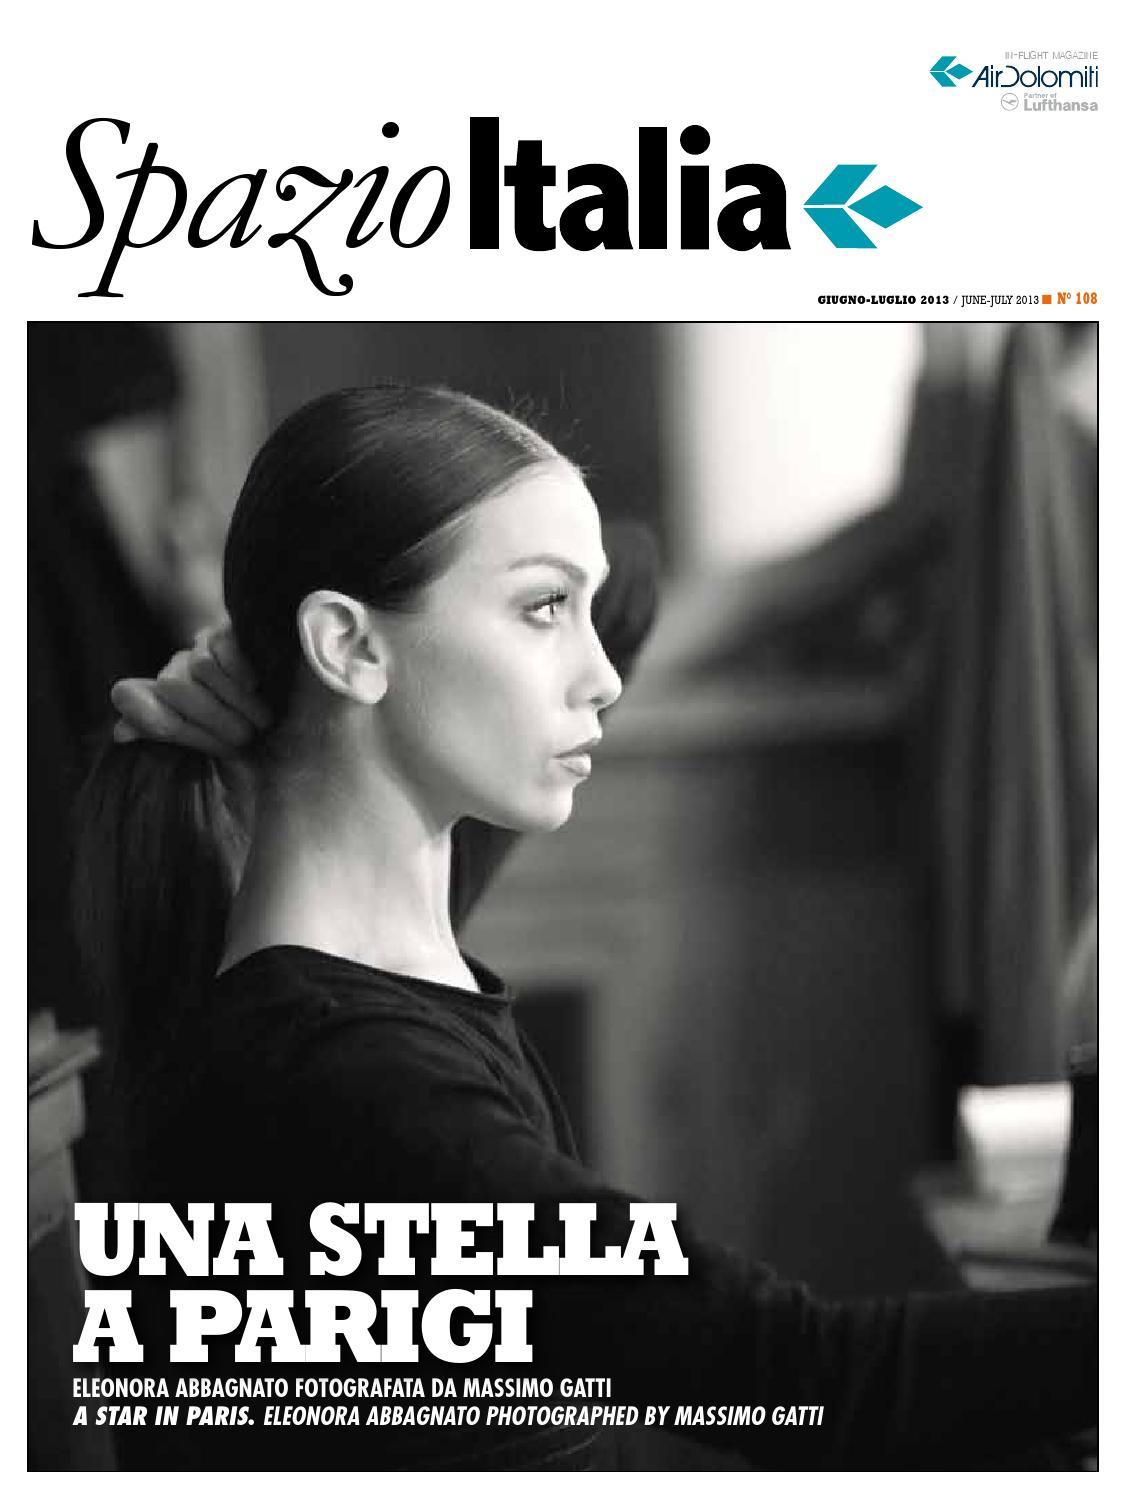 Spazio Italia Magazine no. 108 by AIR DOLOMITI - issuu 4cfb15b0af6